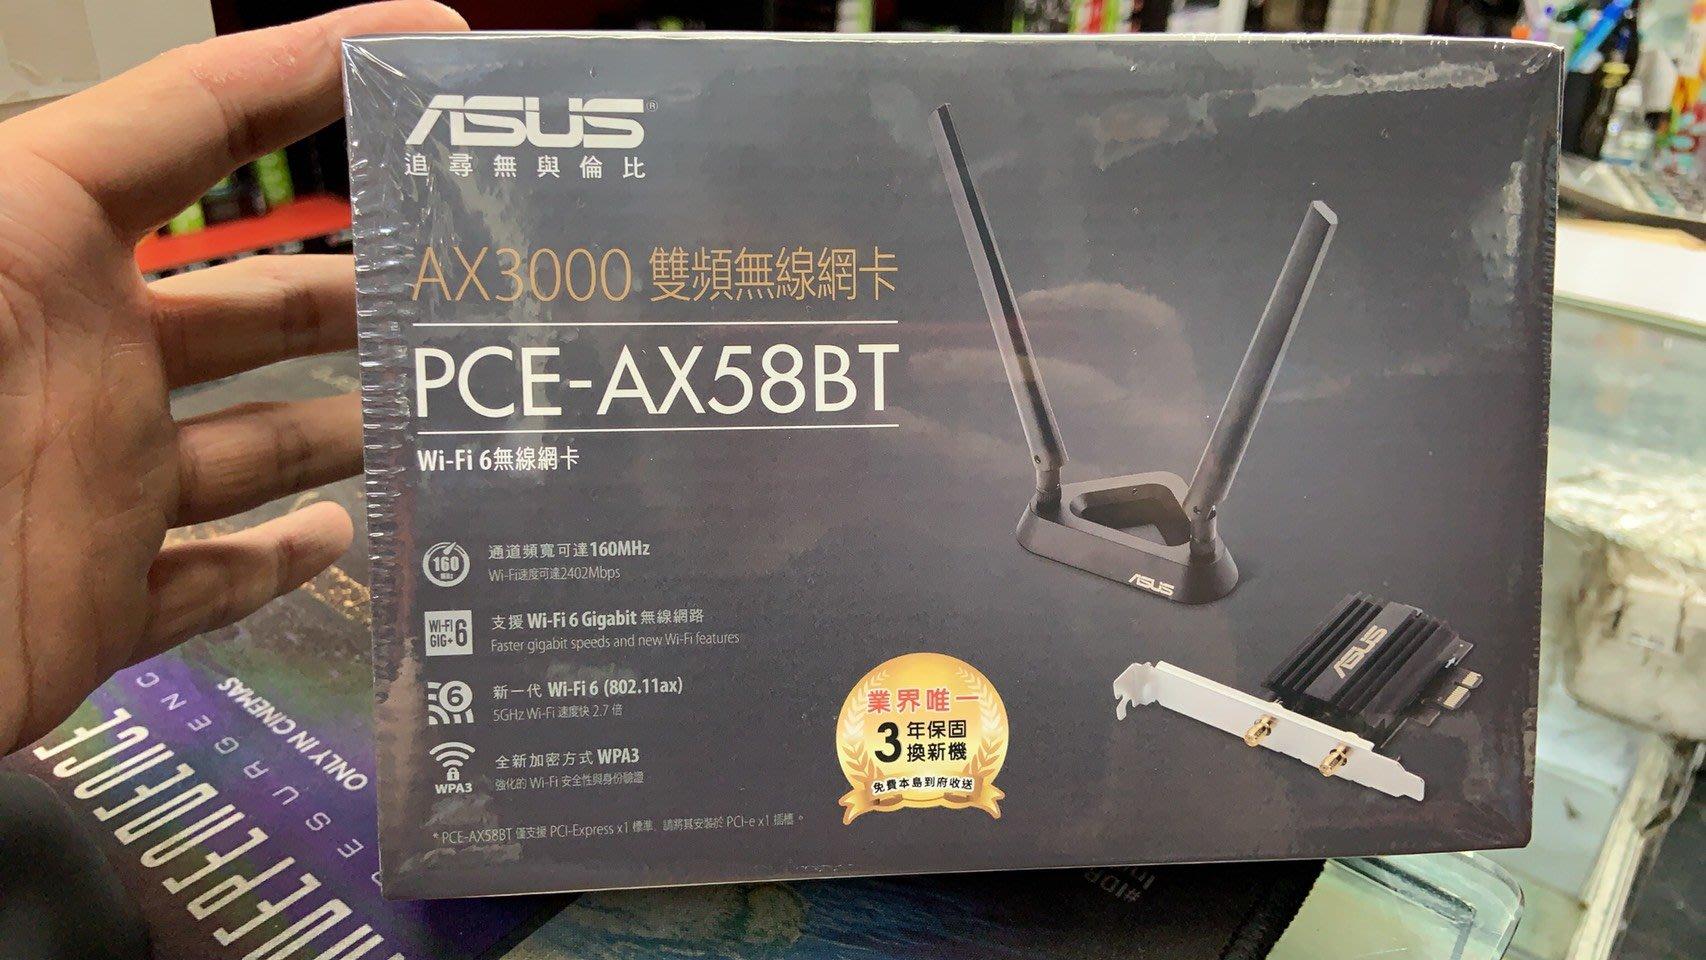 『高雄程傑電腦』ASUS PCE-AX58BT AX3000 PCI-E 160MHz Wi-Fi6 介面卡【實體店家】